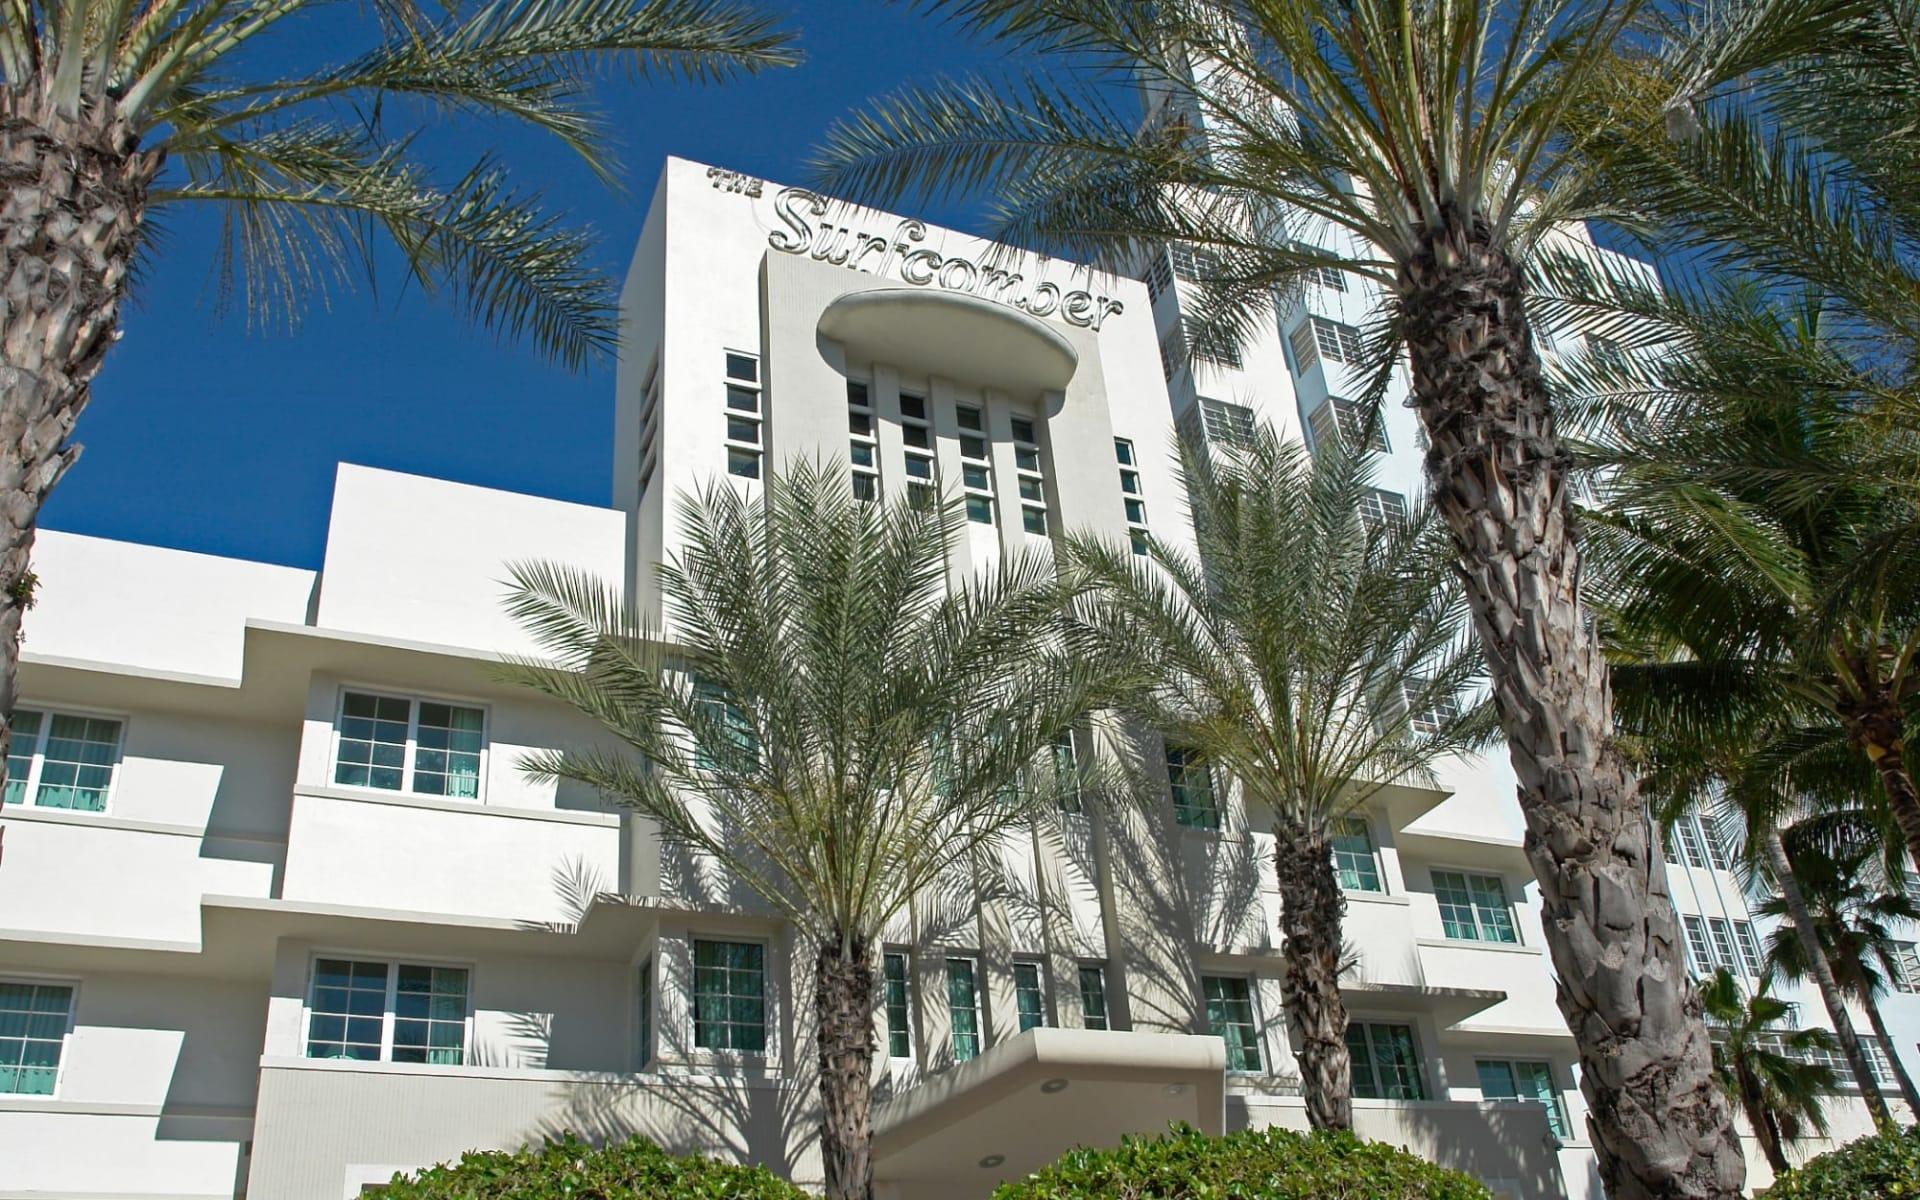 Kimpton Surfcomber Hotel in Miami Beach:  Surfcomber MIA - Aussenansicht